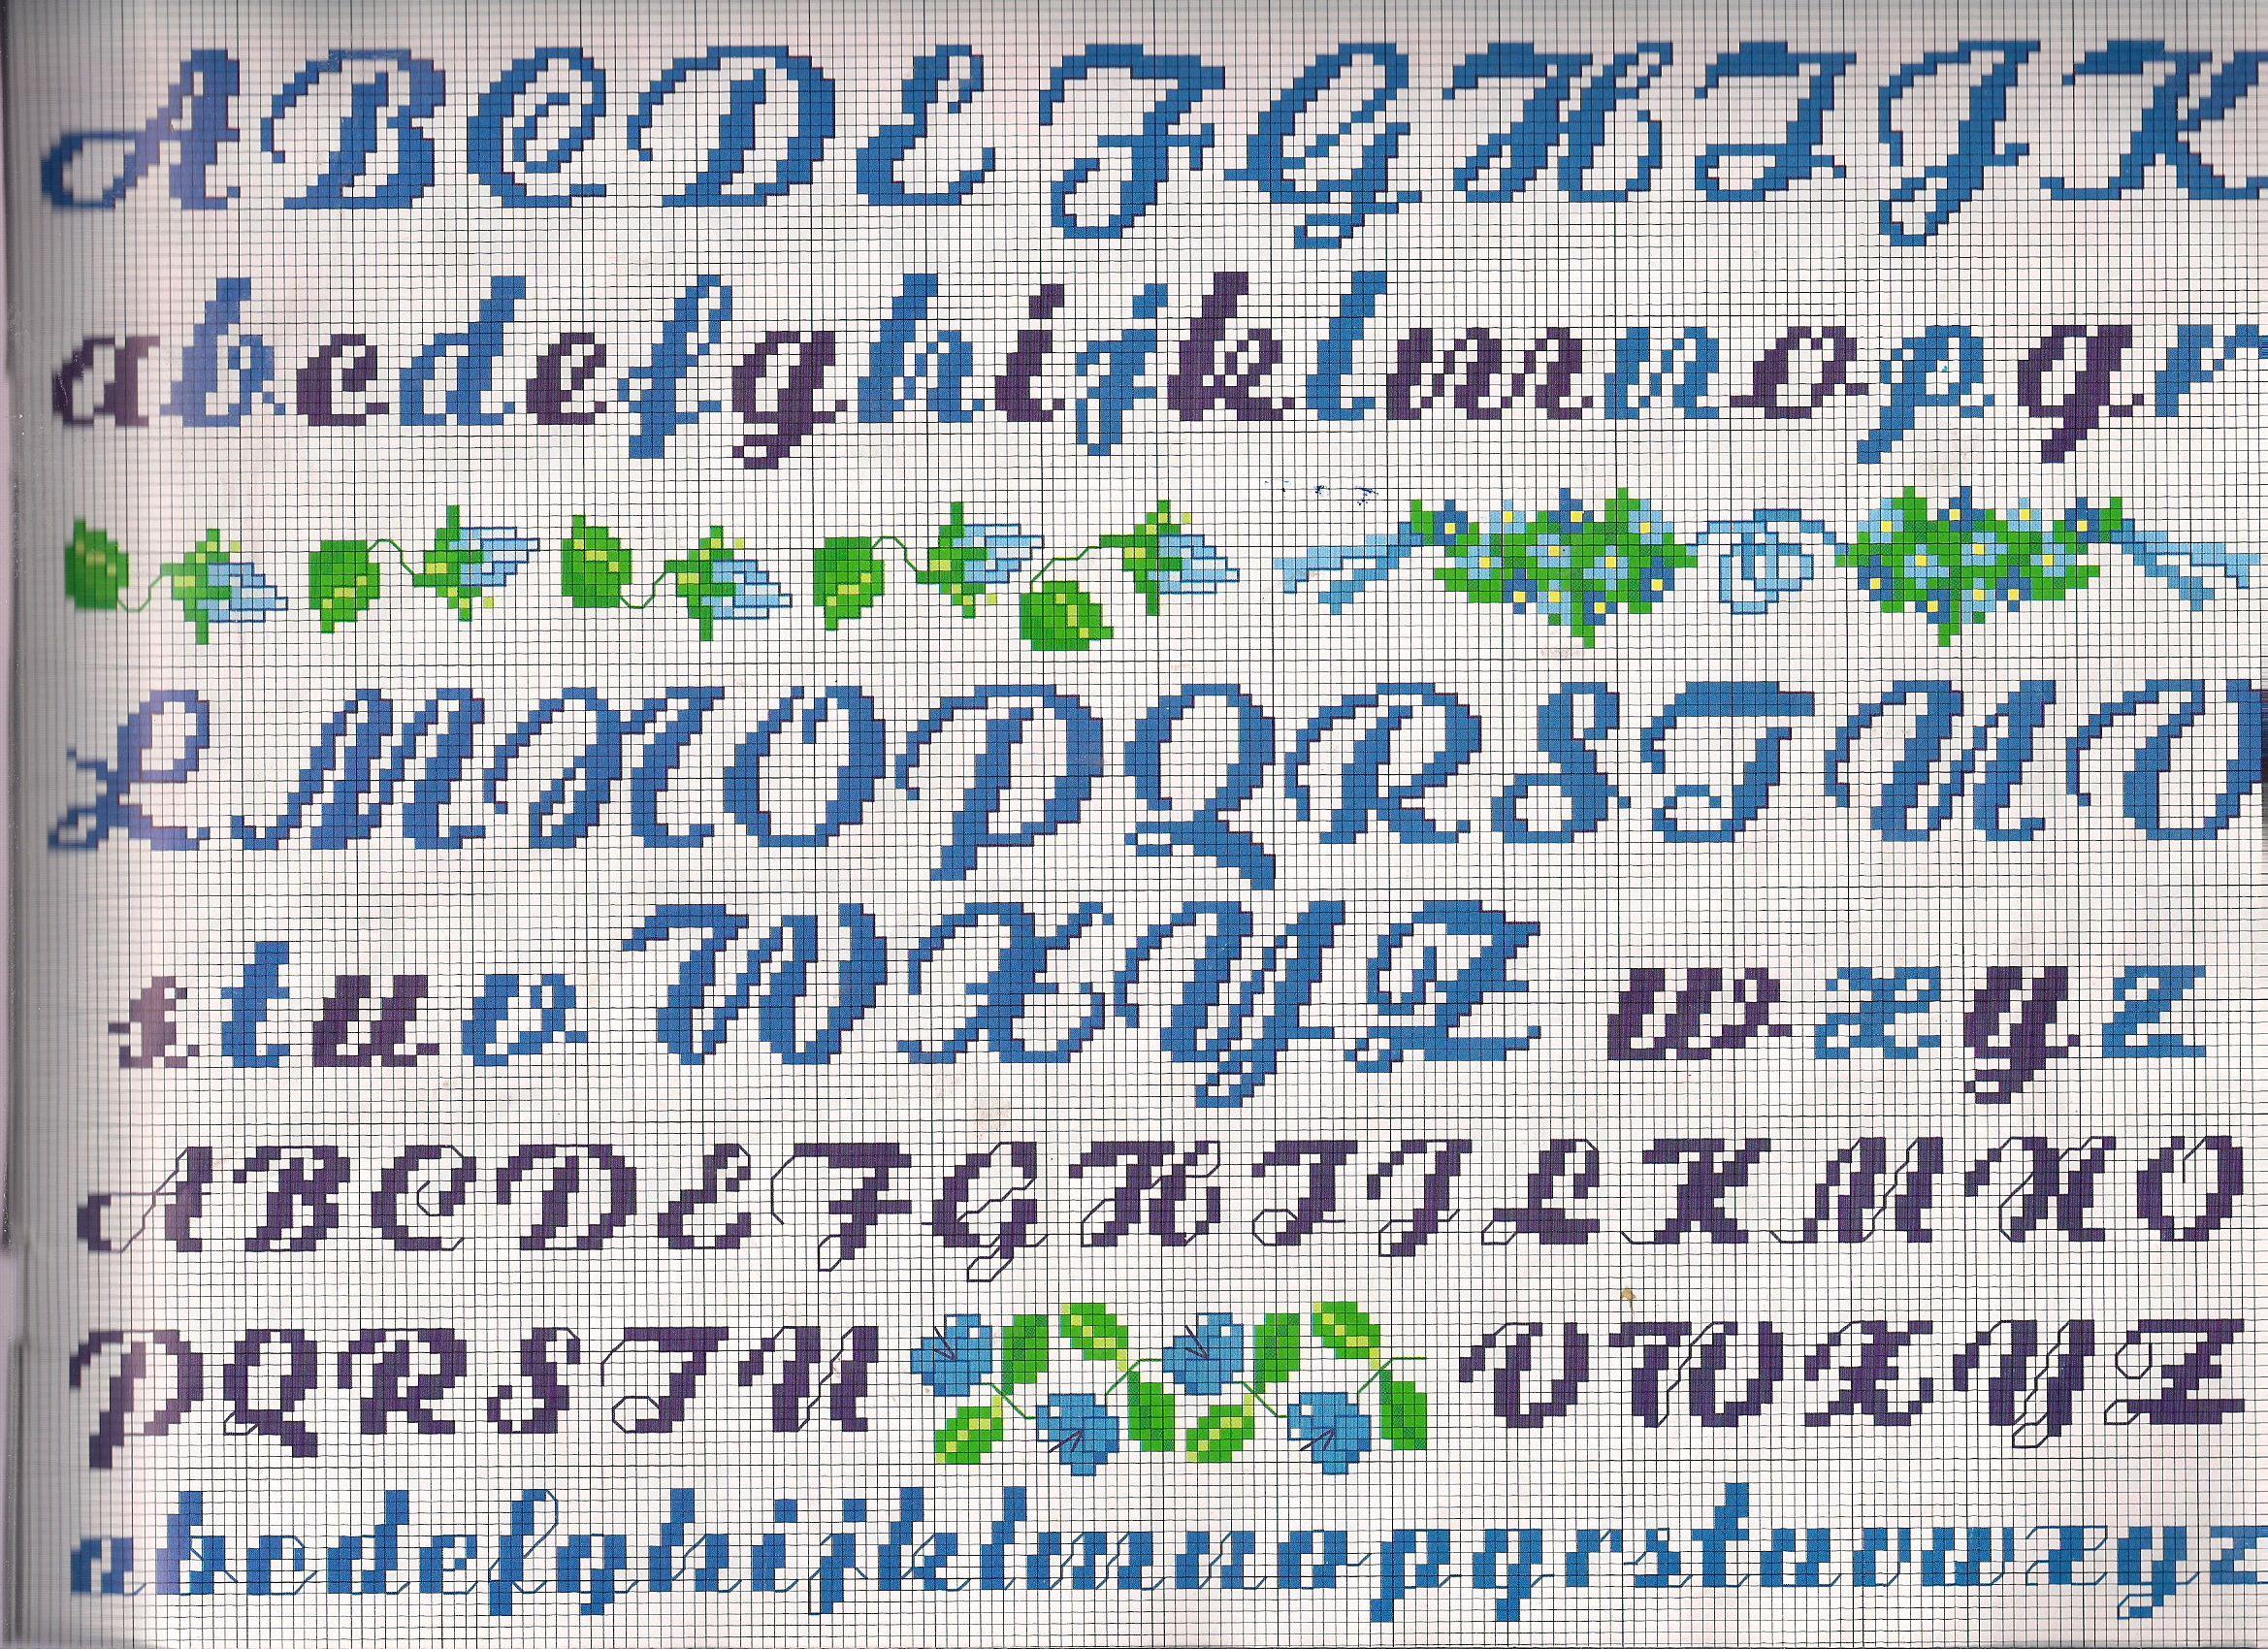 alfabeti e numeri - magiedifilo.it punto croce uncinetto schemi ...